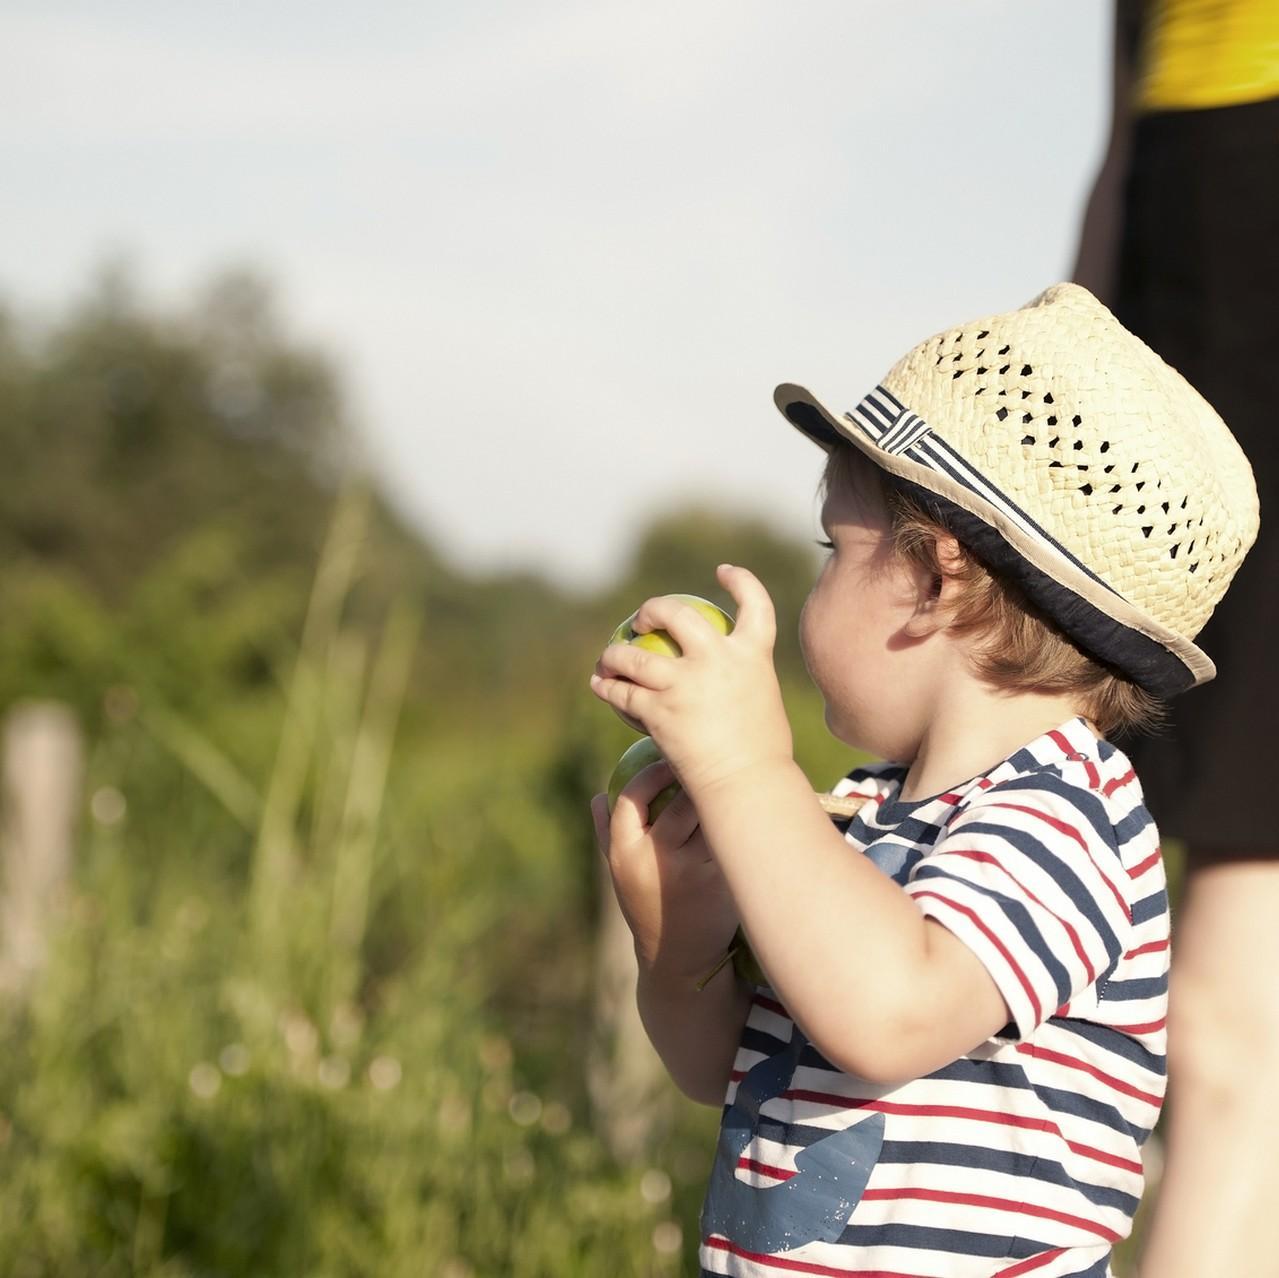 Vacances d'été : comment rester actif à la campagne ?